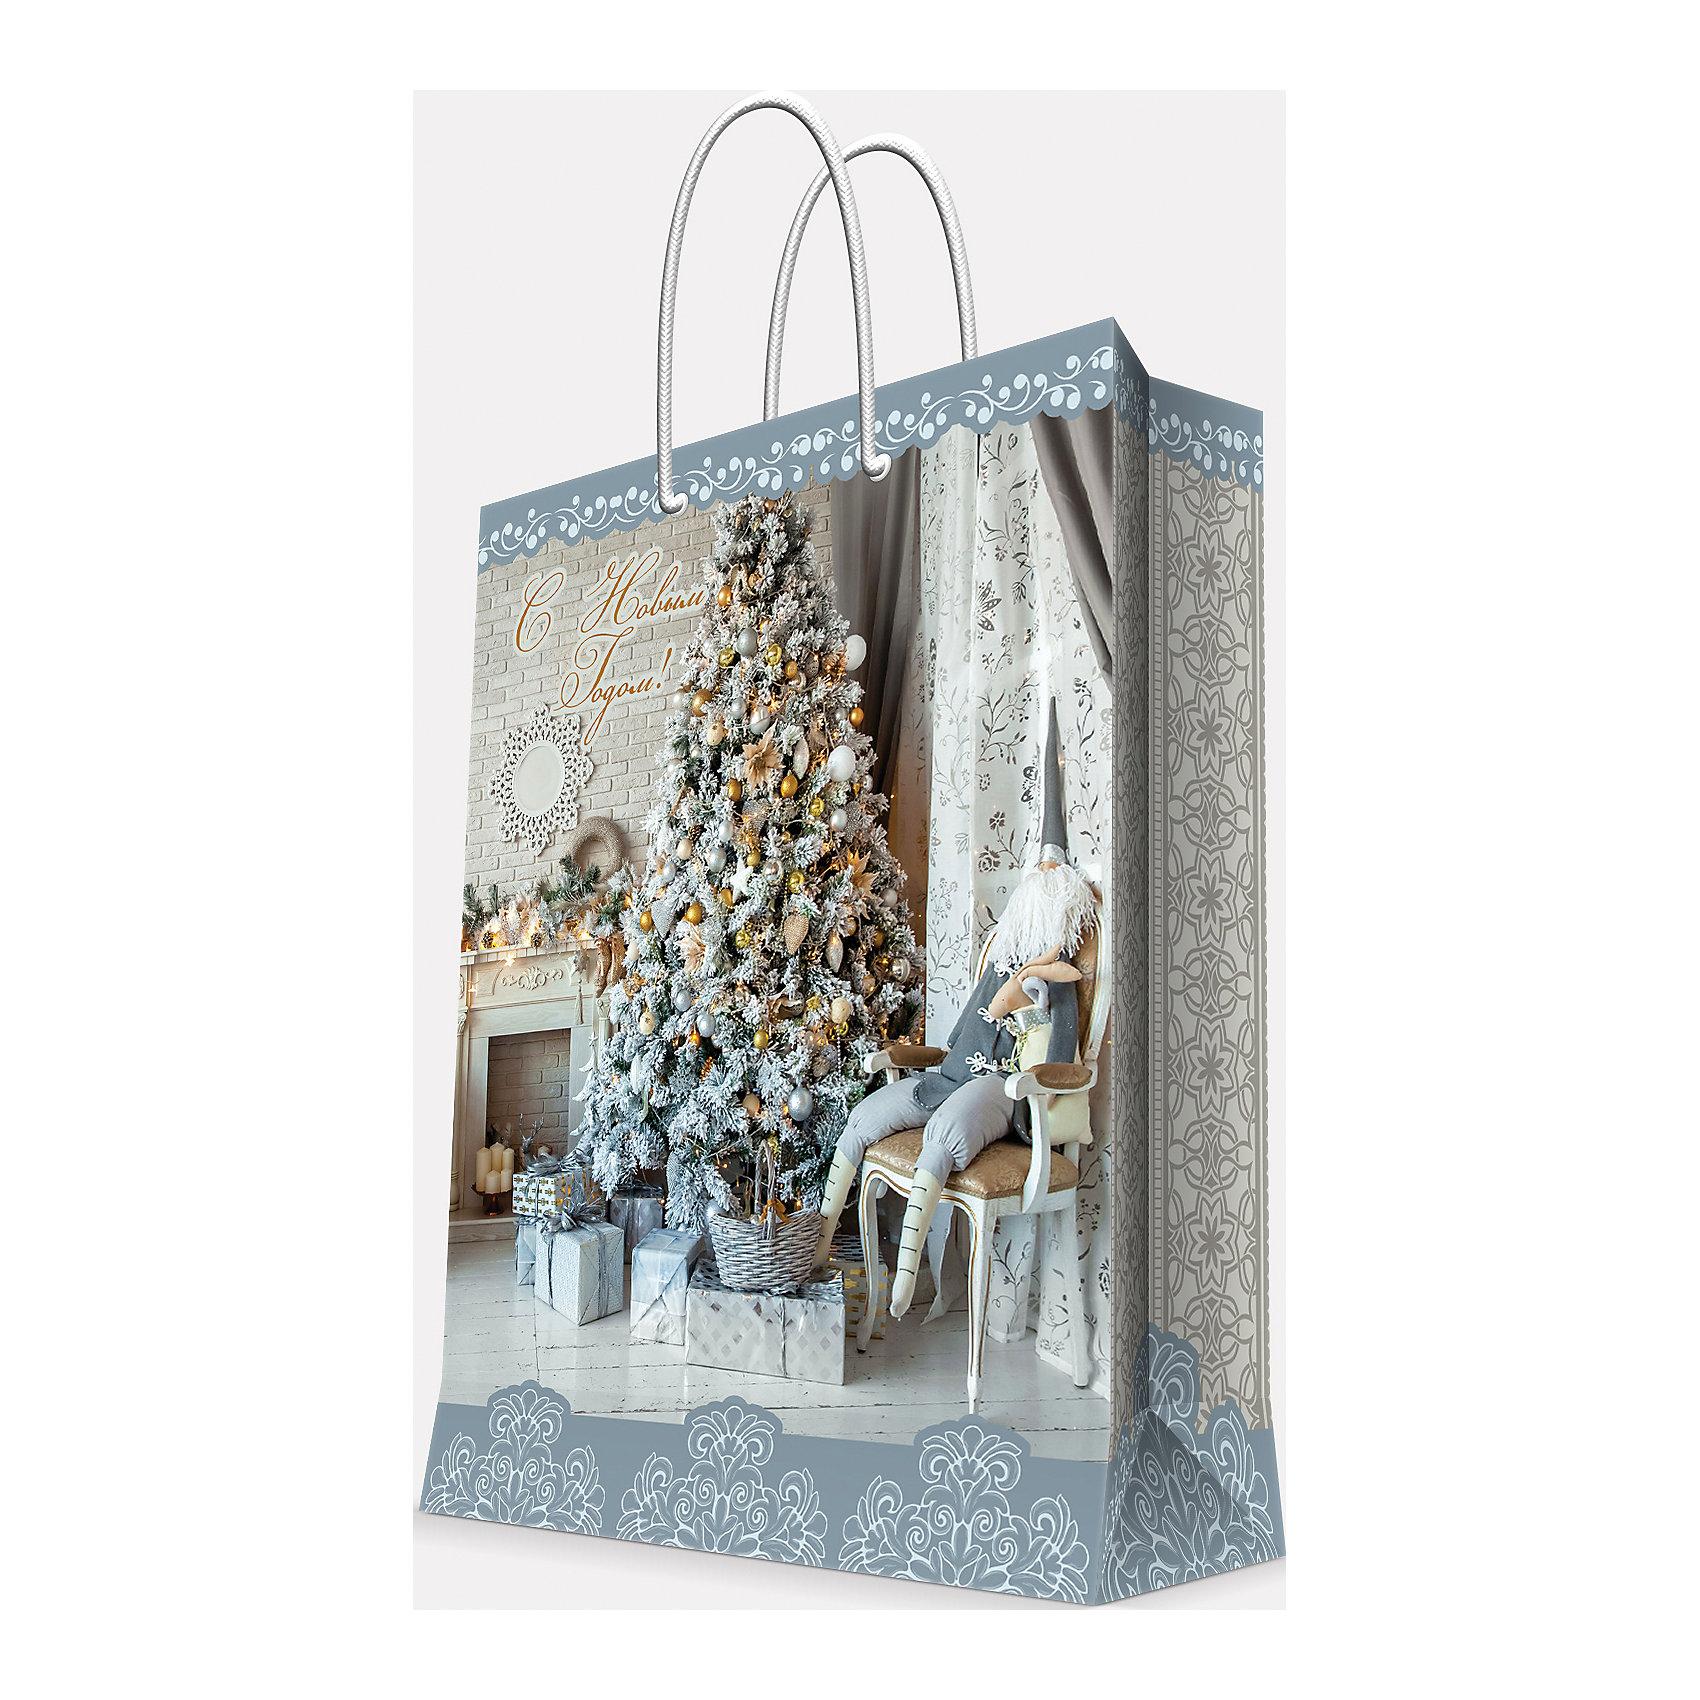 Подарочный пакет Елка у камина 17,8*22,9*9,8Всё для праздника<br>Предновогодние хлопоты многие любят даже больше самого праздника! Праздничное настроение создает украшенный дом, наряженная ёлка, запах мандаринов, предновогодняя суета и, конечно же, подарки! Чтобы сделать момент вручения приятнее, нужен красивый подарочный пакет.<br>Этот пакет украшен симпатичным универсальным рисунком, поэтому в него можно упаковать подарок и родственнику, и коллеге. Он сделан из безопасного для детей, прочного, но легкого, материала. Создайте с ним праздничное настроение себе и близким!<br><br>Дополнительная информация:<br><br>плотность бумаги: 140 г/м2;<br>размер: 18 х 23 х 10 см;<br>с ламинацией;<br>украшен рисунком.<br><br>Подарочный пакет Елка у камина 17,8*22,9*9,8 см можно купить в нашем магазине.<br><br>Ширина мм: 178<br>Глубина мм: 229<br>Высота мм: 98<br>Вес г: 39<br>Возраст от месяцев: 36<br>Возраст до месяцев: 2147483647<br>Пол: Унисекс<br>Возраст: Детский<br>SKU: 4981590